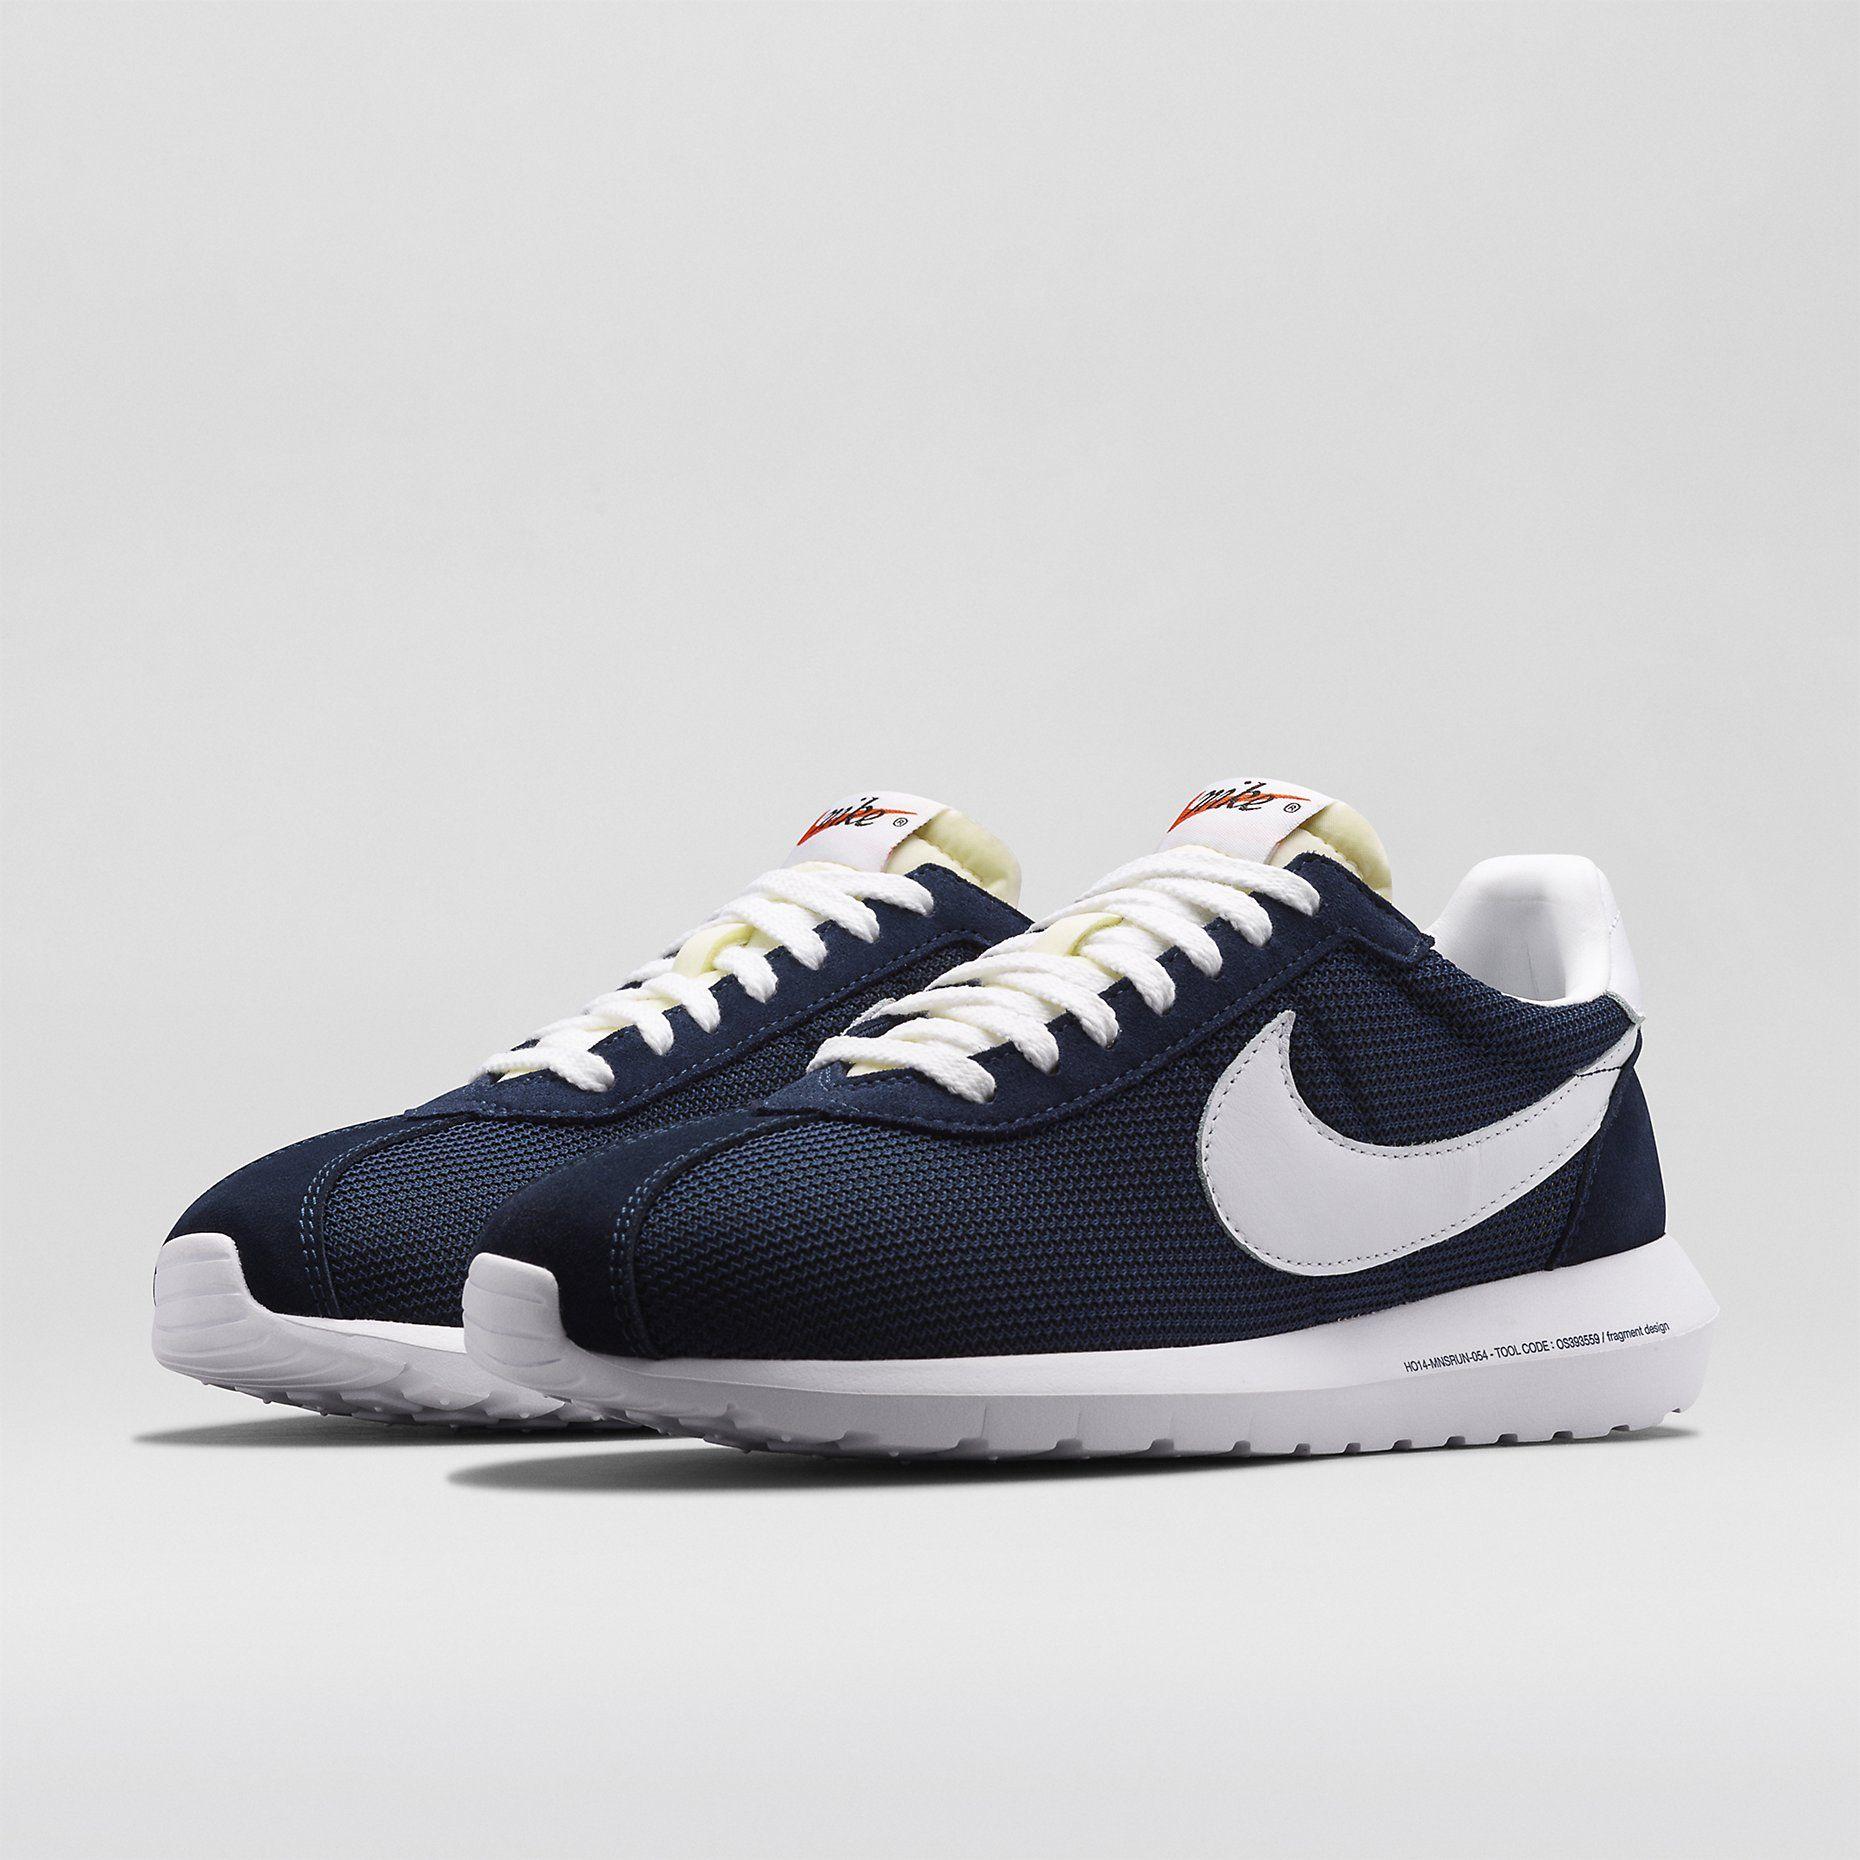 sports shoes e83f4 7d7d0 Nike Roshe LD 1000 by Fragment Men s Shoe. Nike Store